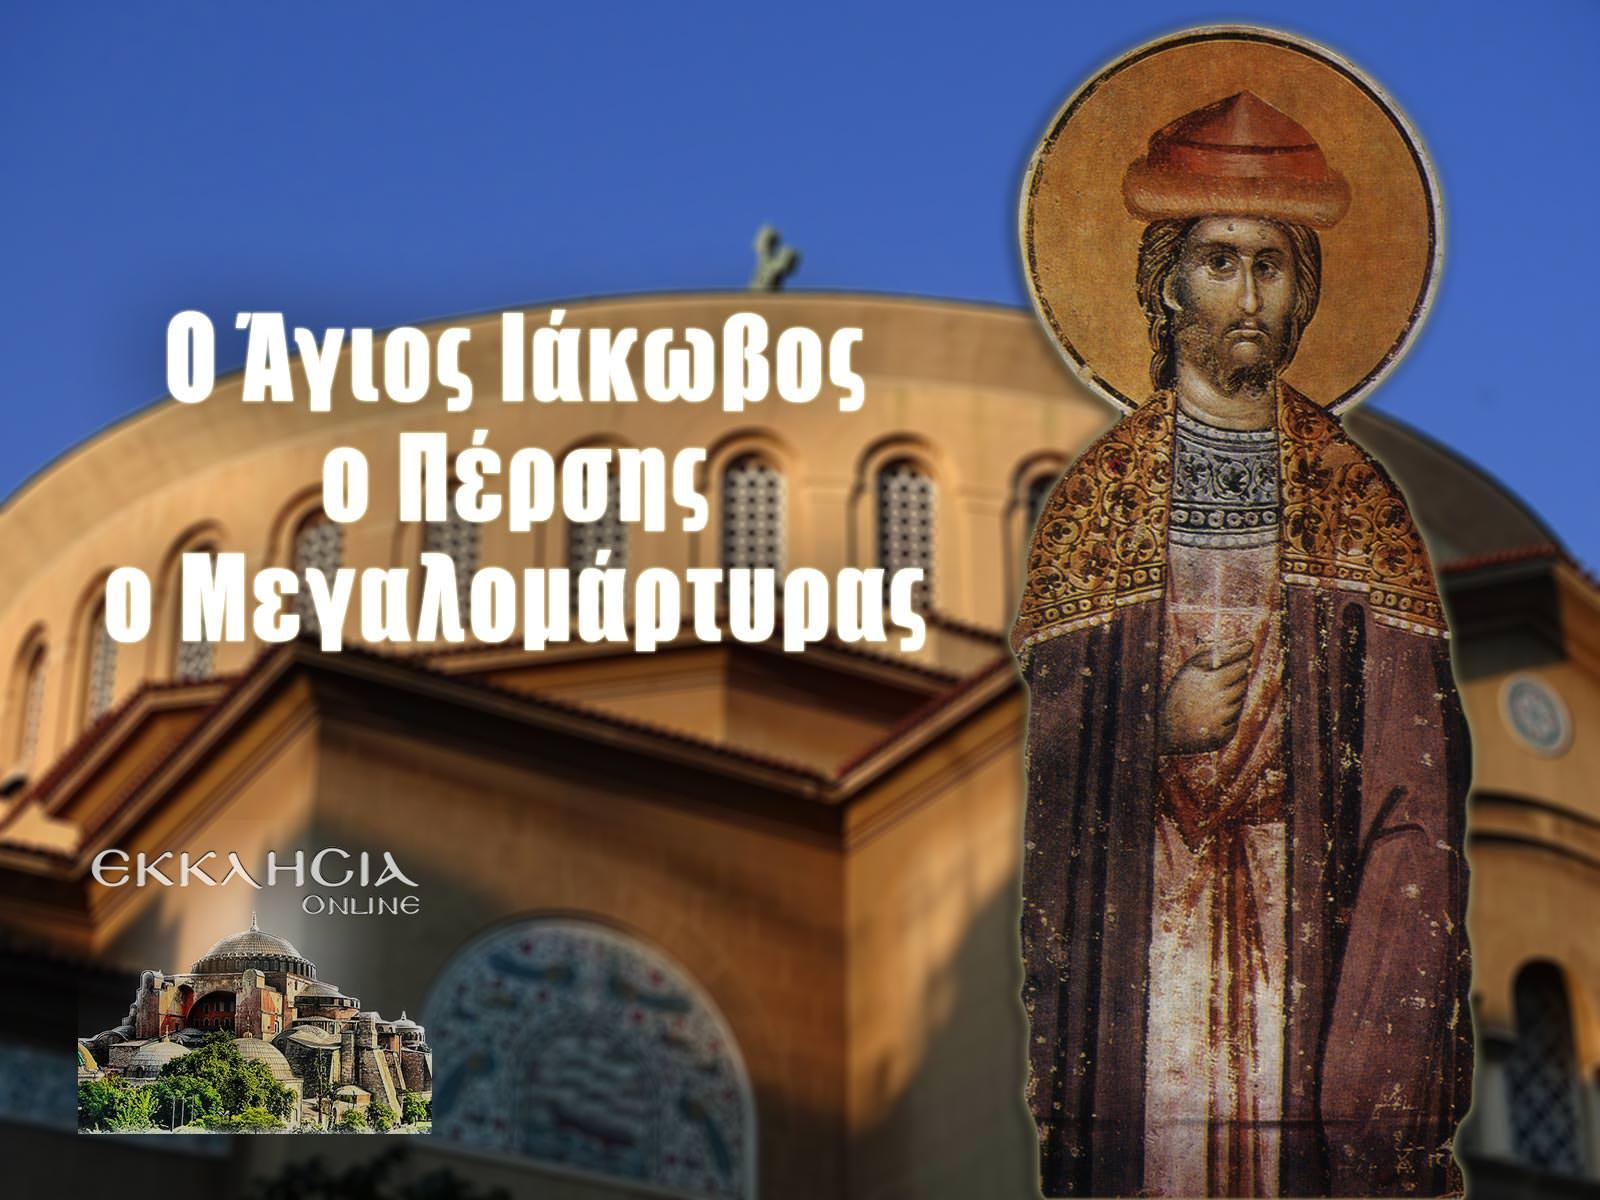 Άγιος Ιάκωβος ο Πέρσης ο Μεγαλομάρτυρας 27 Νοεμβρίου